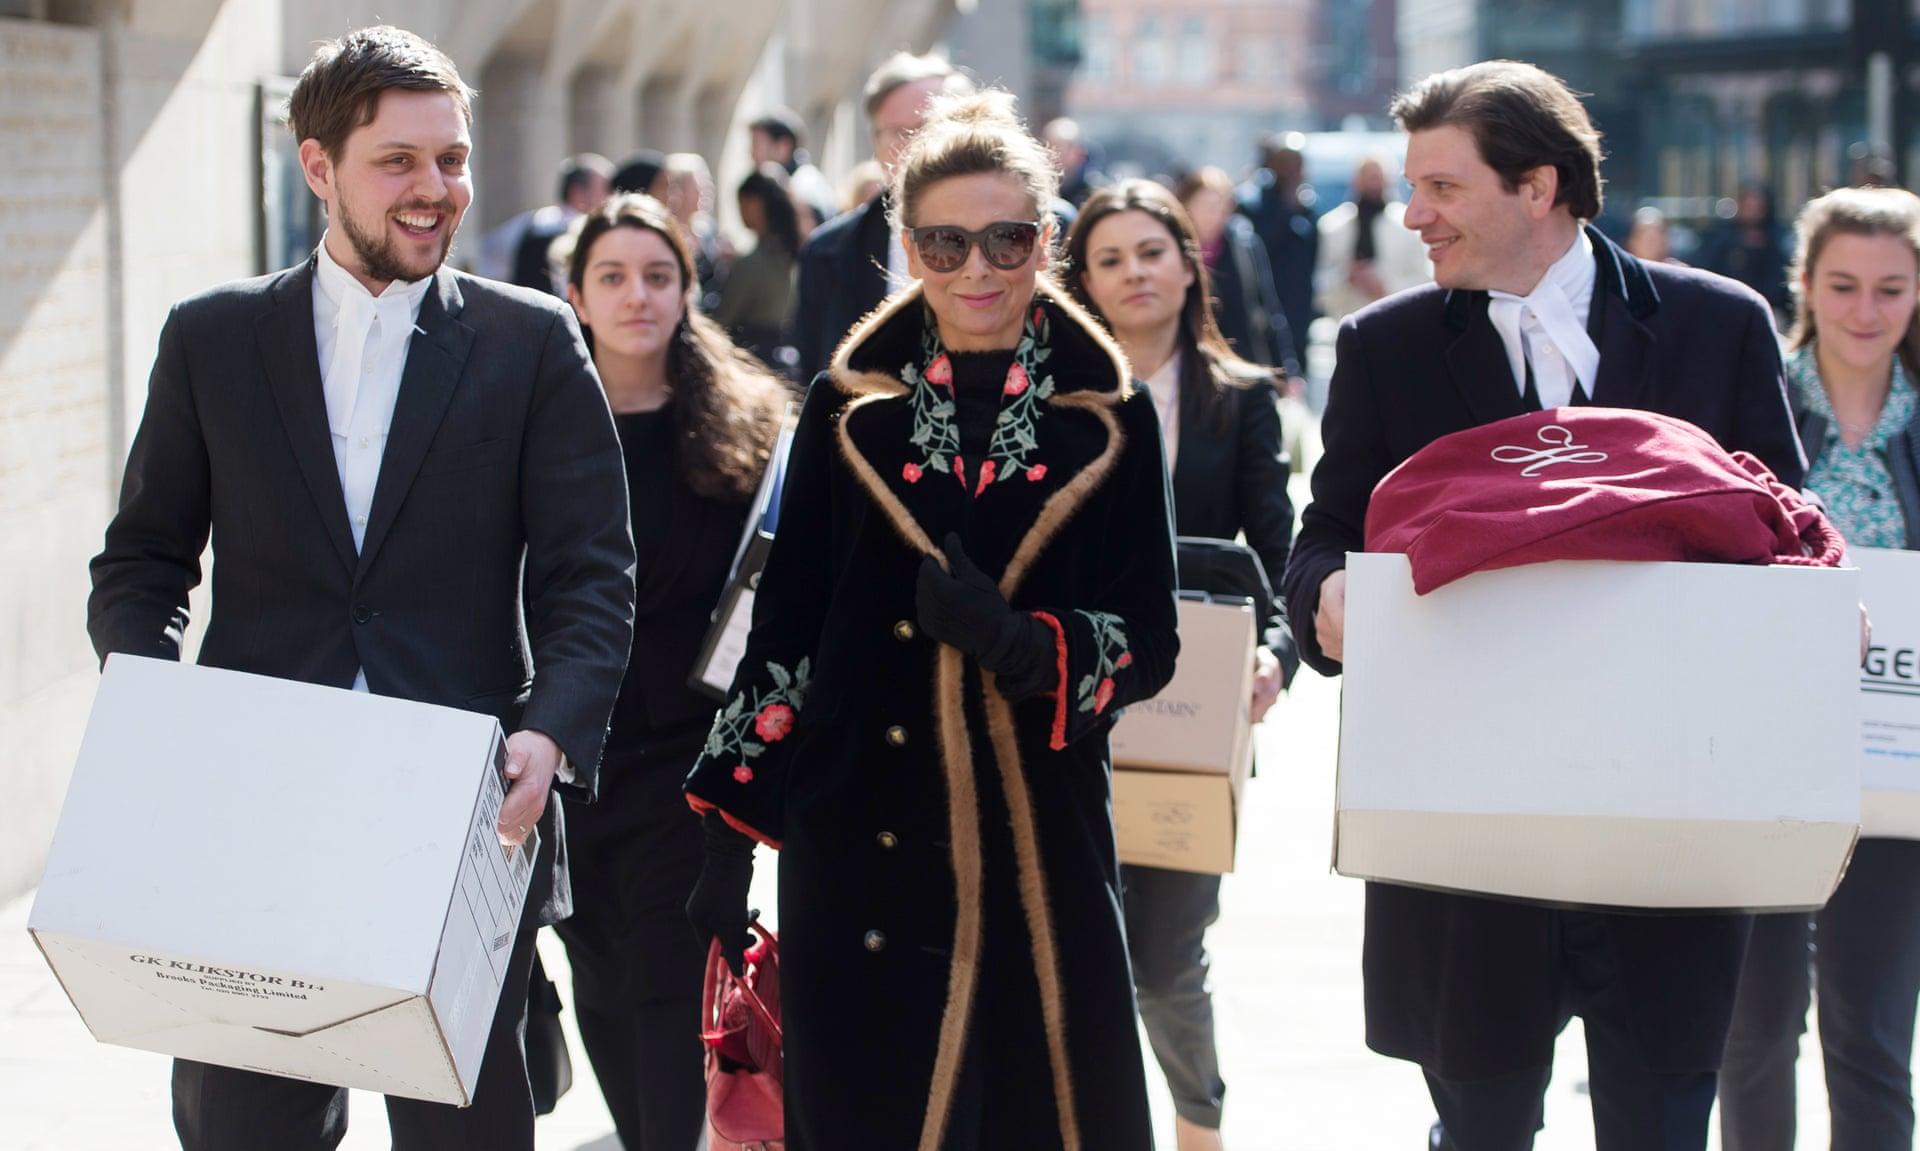 یک زن روسی که گران ترین طلاق تاریخ بریتانیا را رقم زده هنوز نتوانسته مهریه خود را از شوهرش که یک اولیگارش ثروتمند روس است بگیرد.